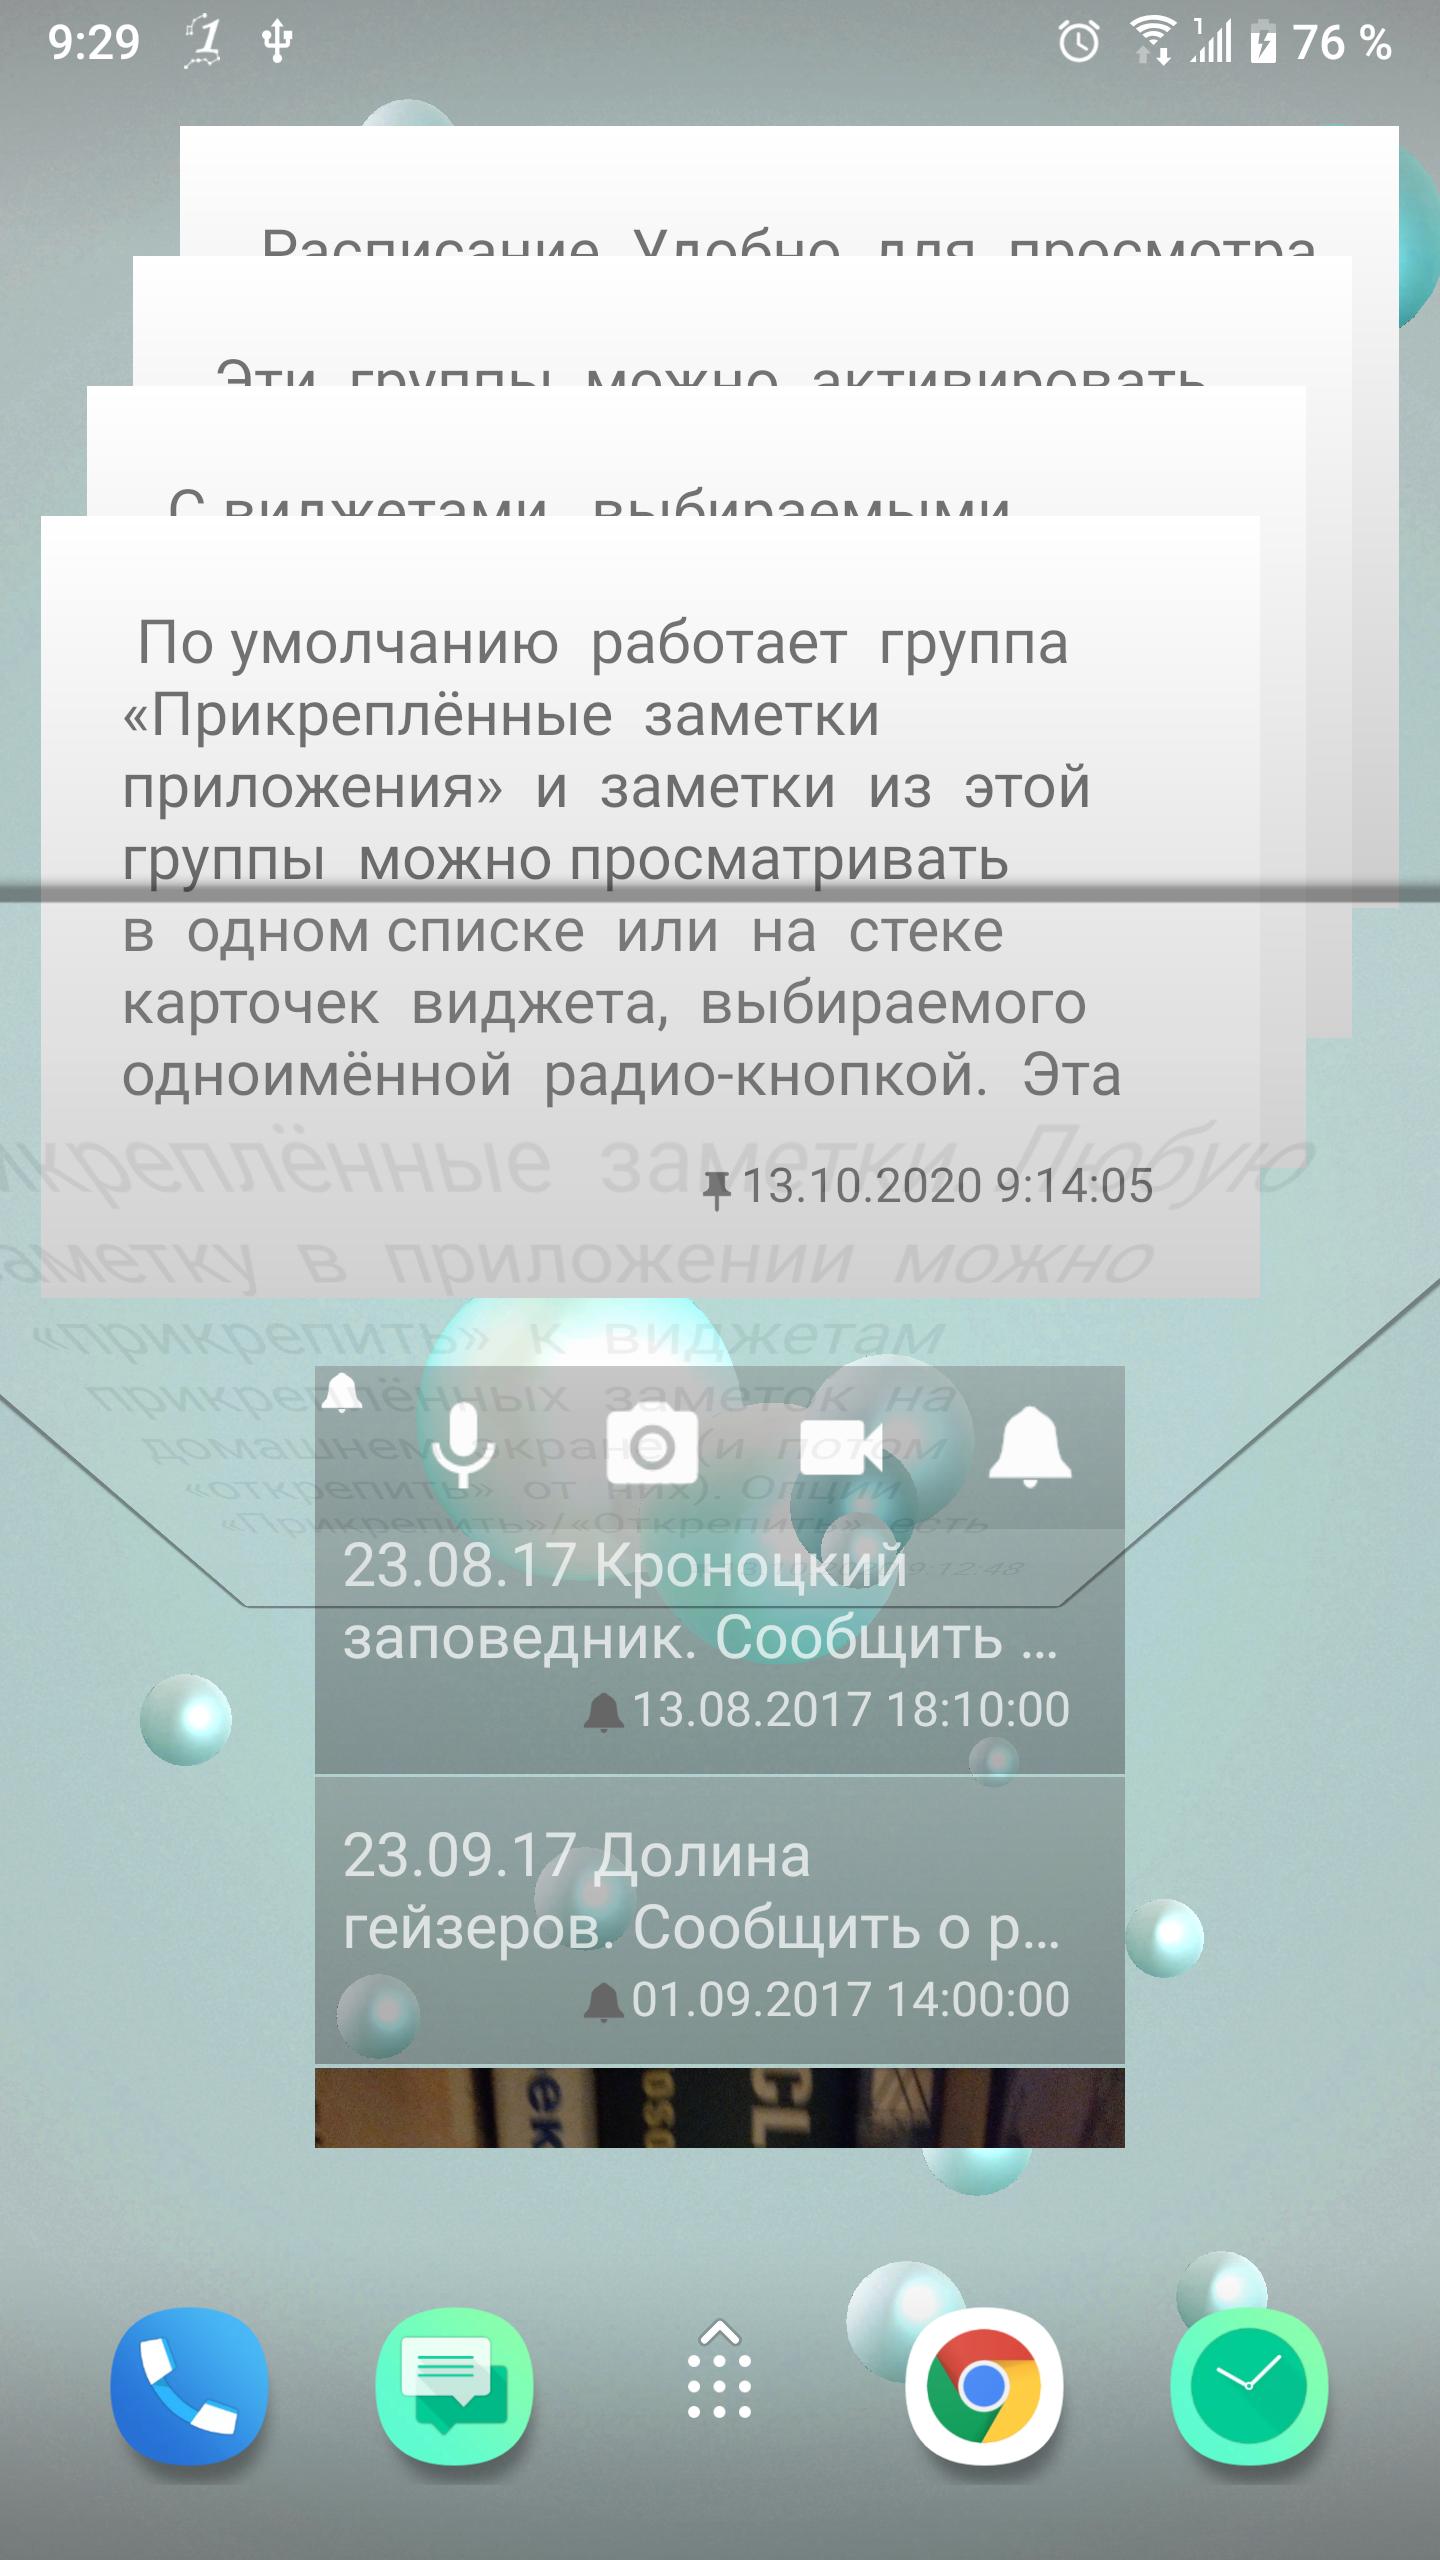 Изображение виджетов на домашнем экране устройства